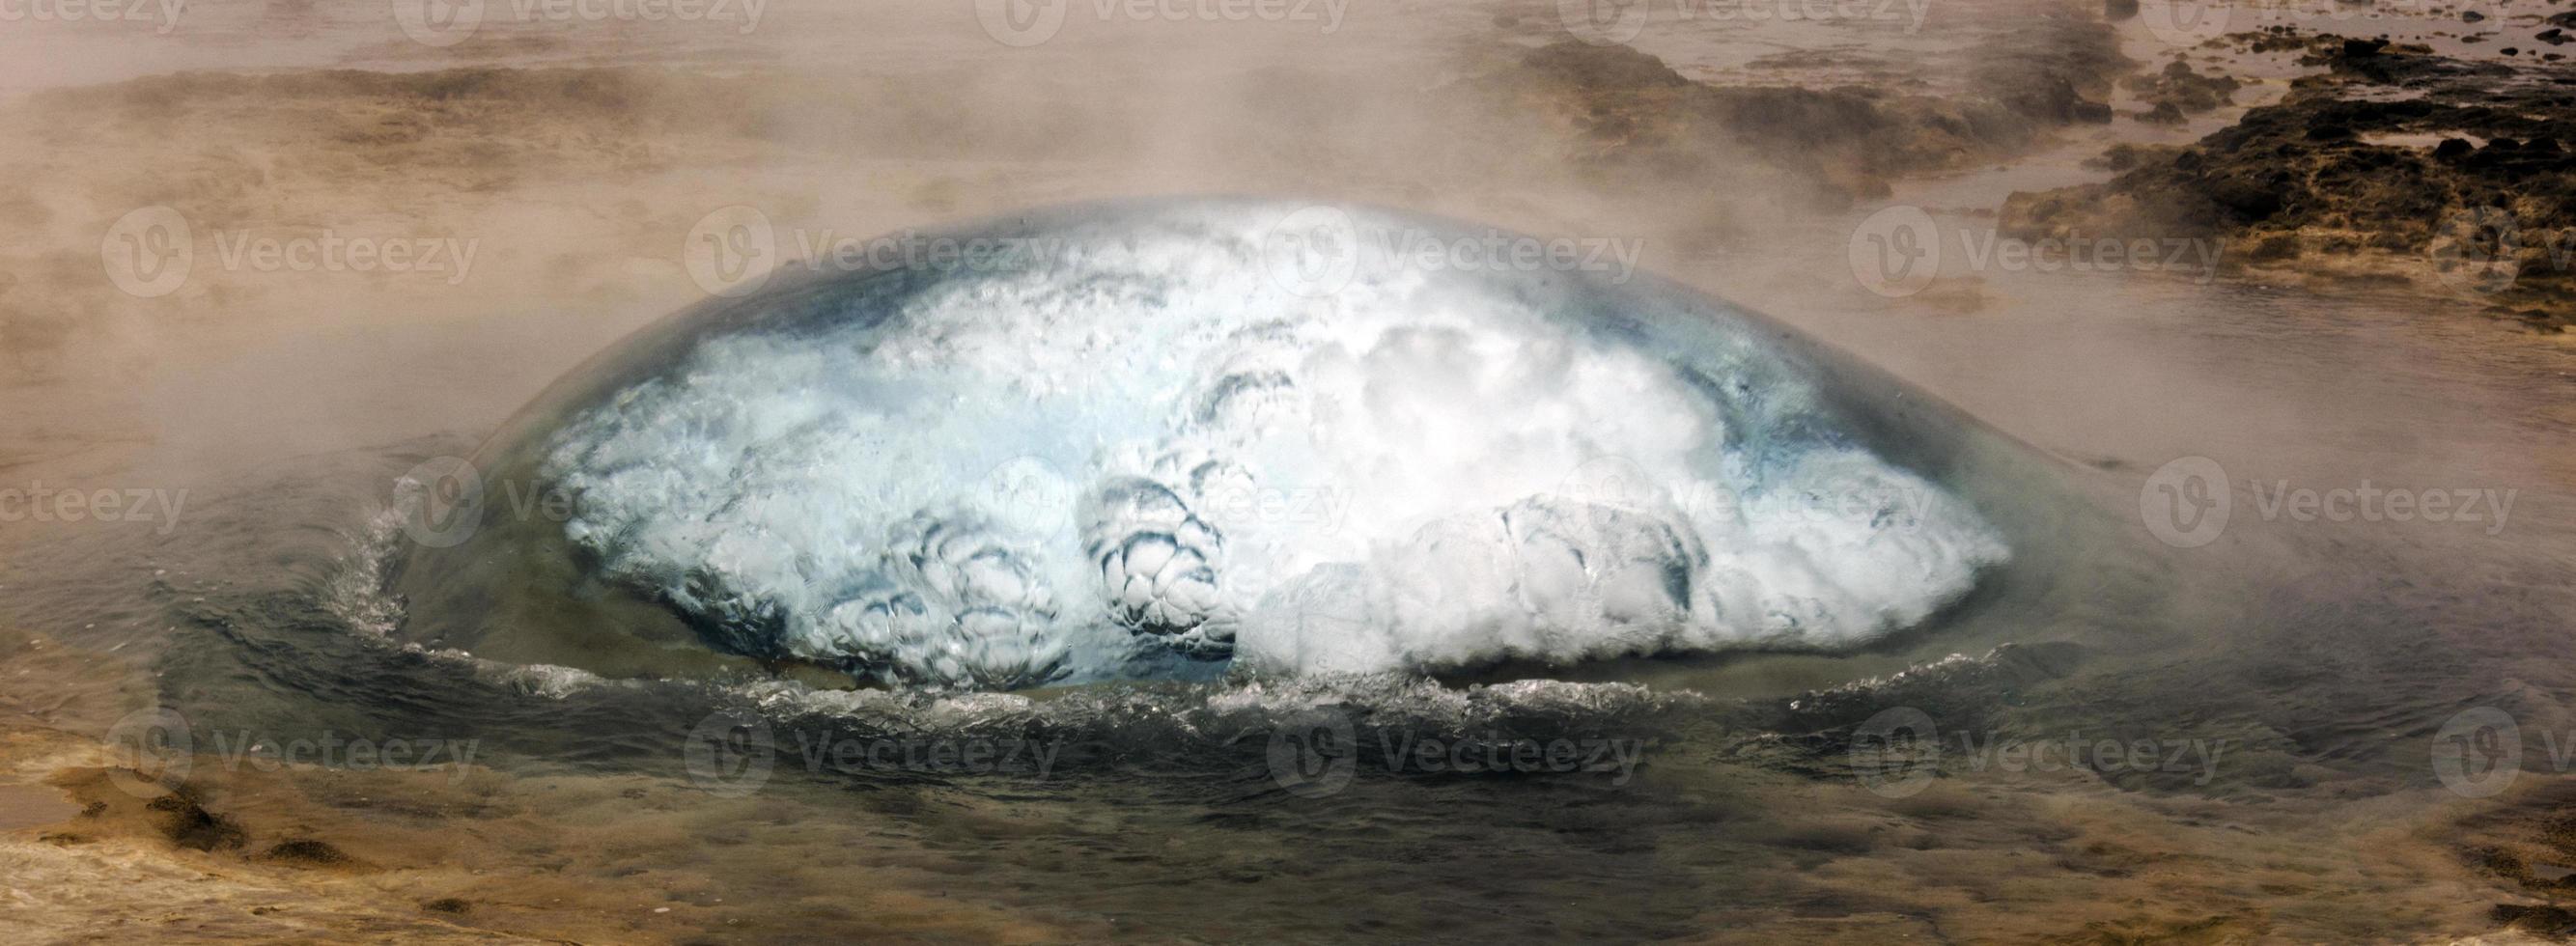 Strokkur geyser in Geysir Iceland photo